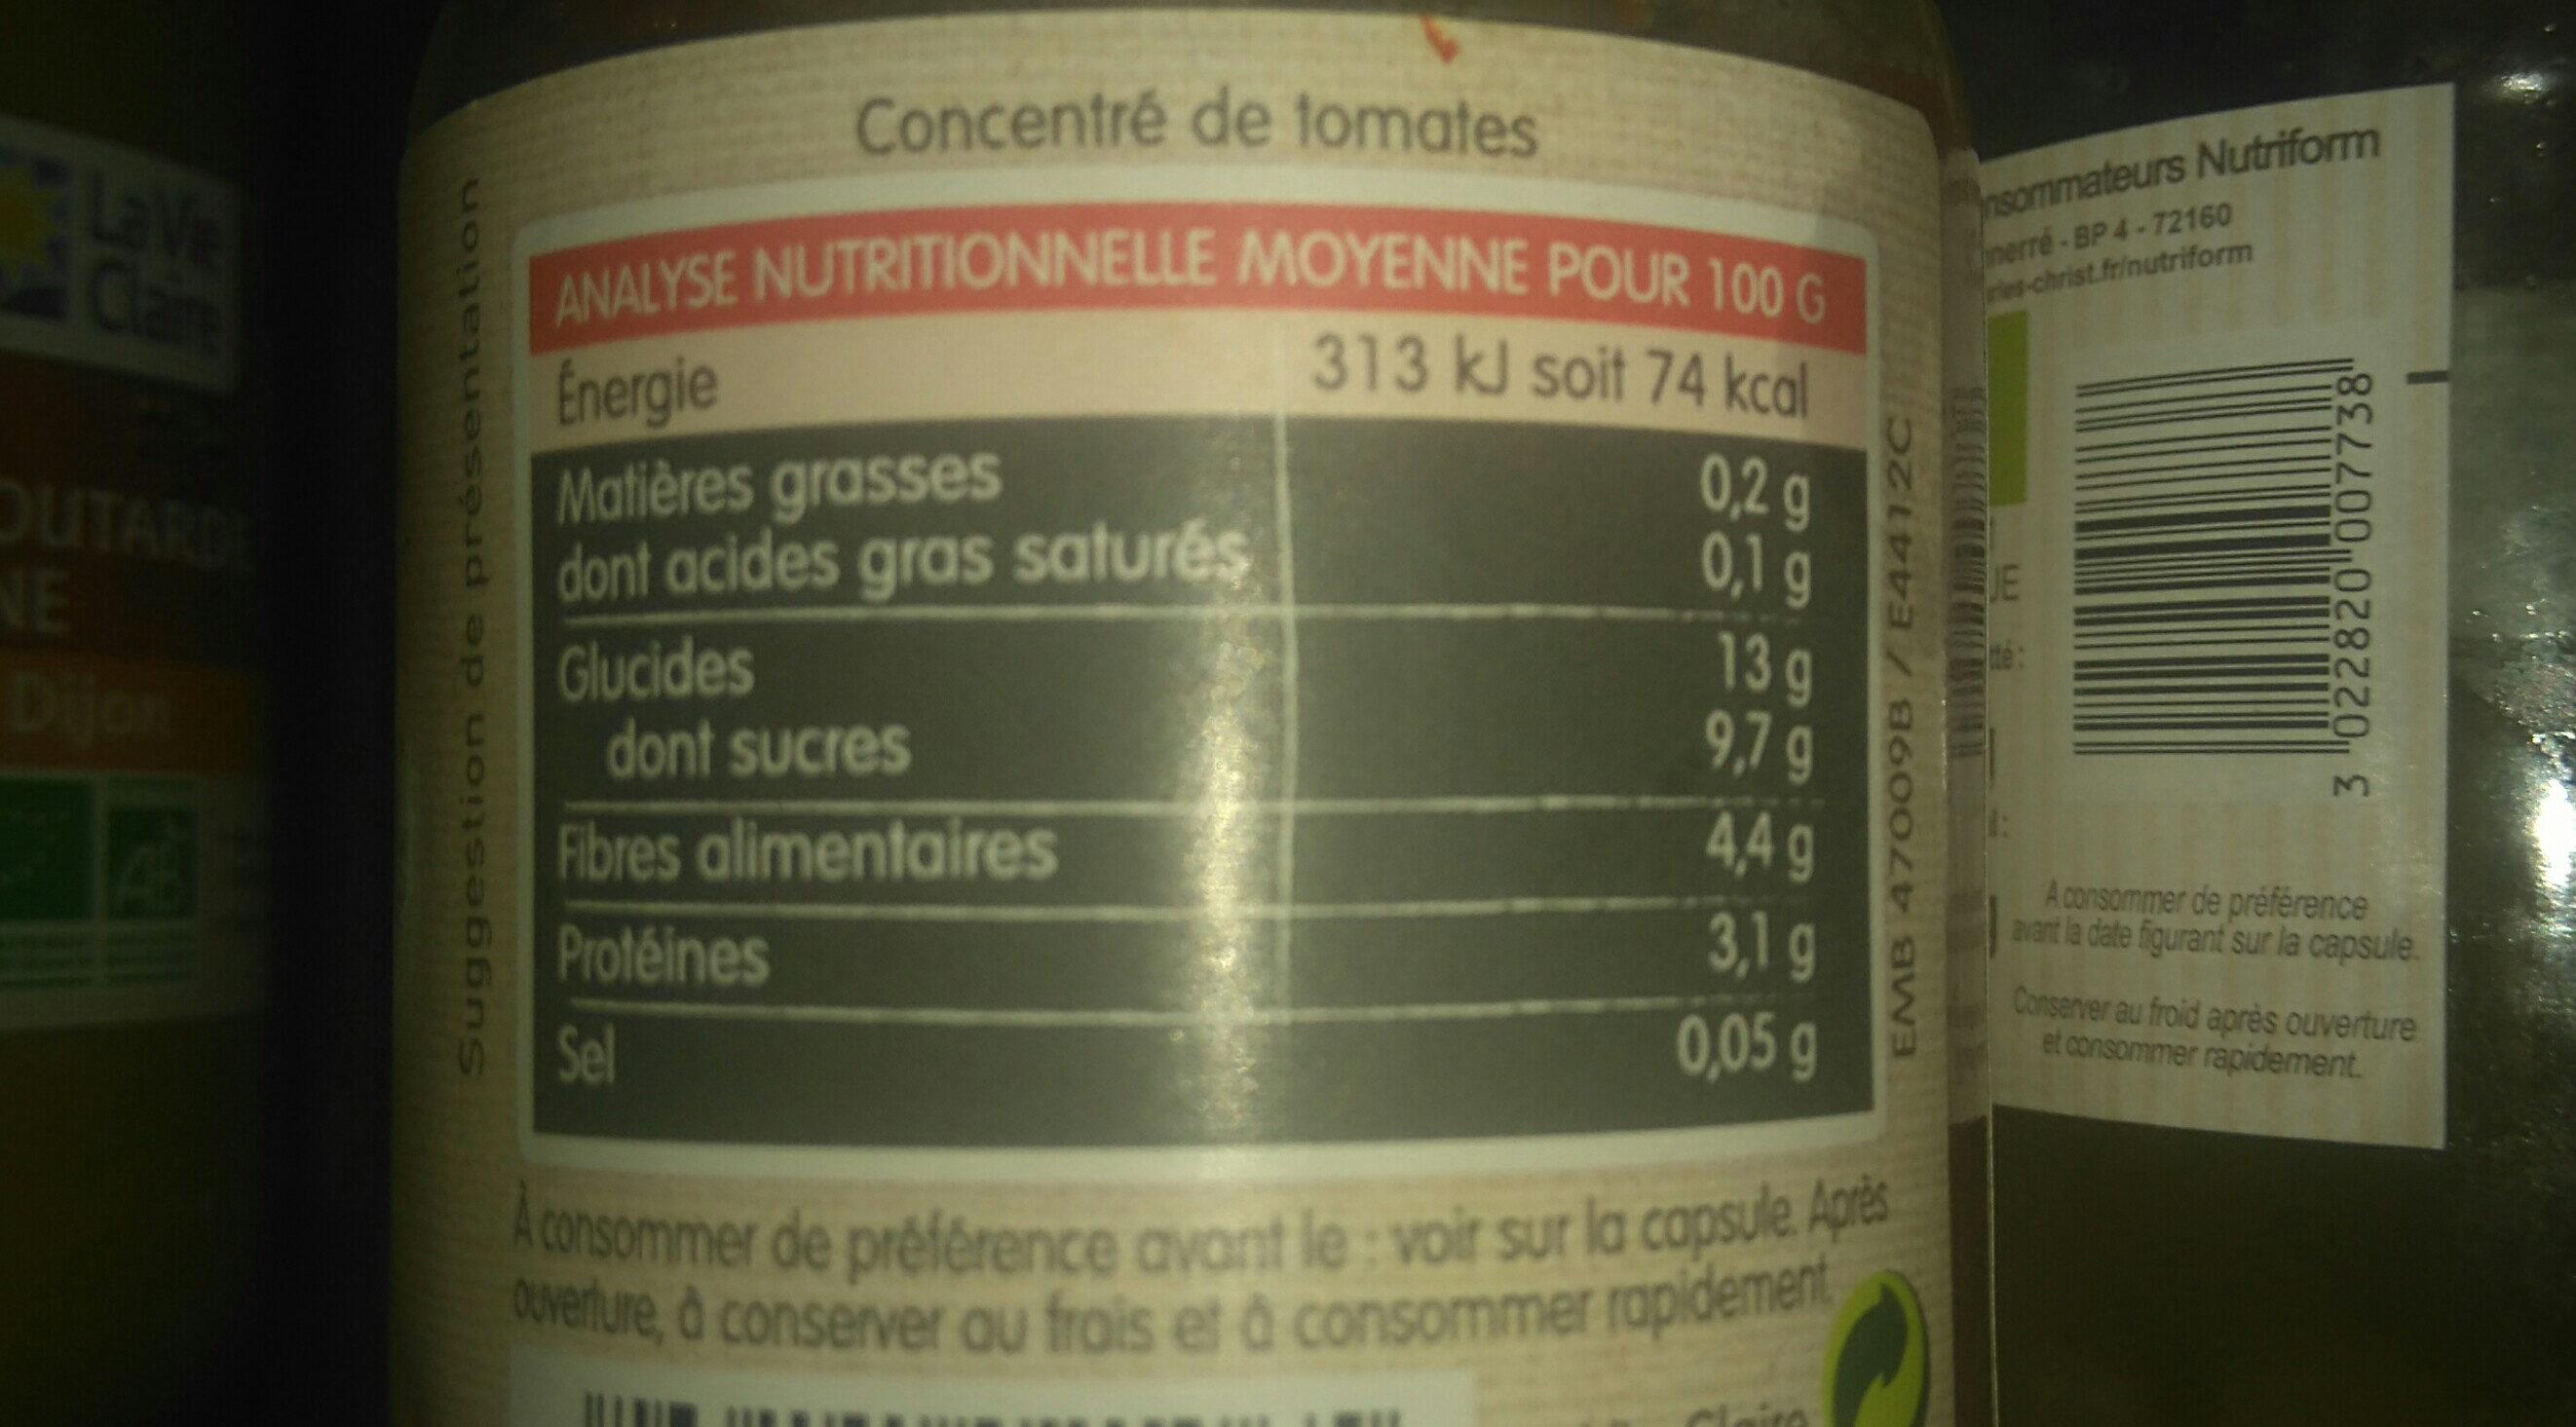 Concentré de tomates - Informations nutritionnelles - fr